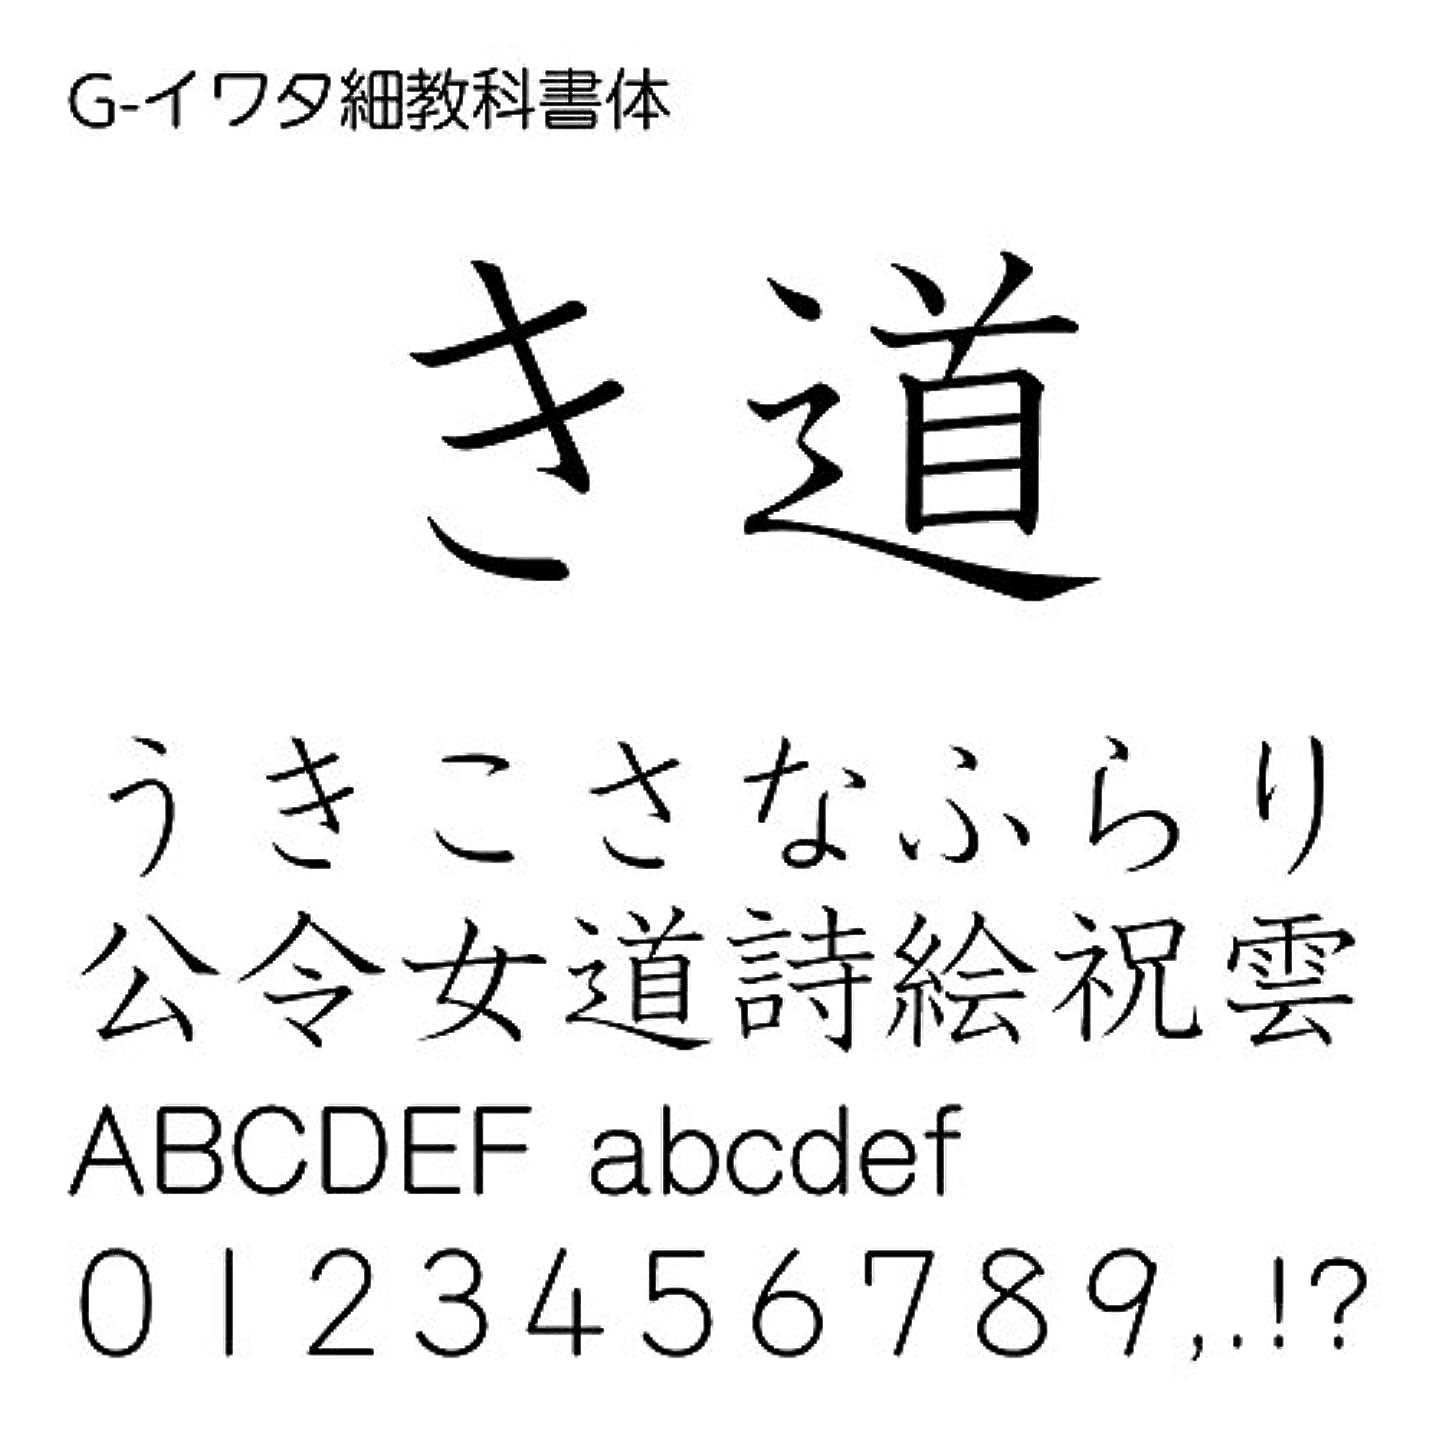 支給意気揚々オレンジG-イワタ細教科書体Pro OpenType Font for Windows [ダウンロード]